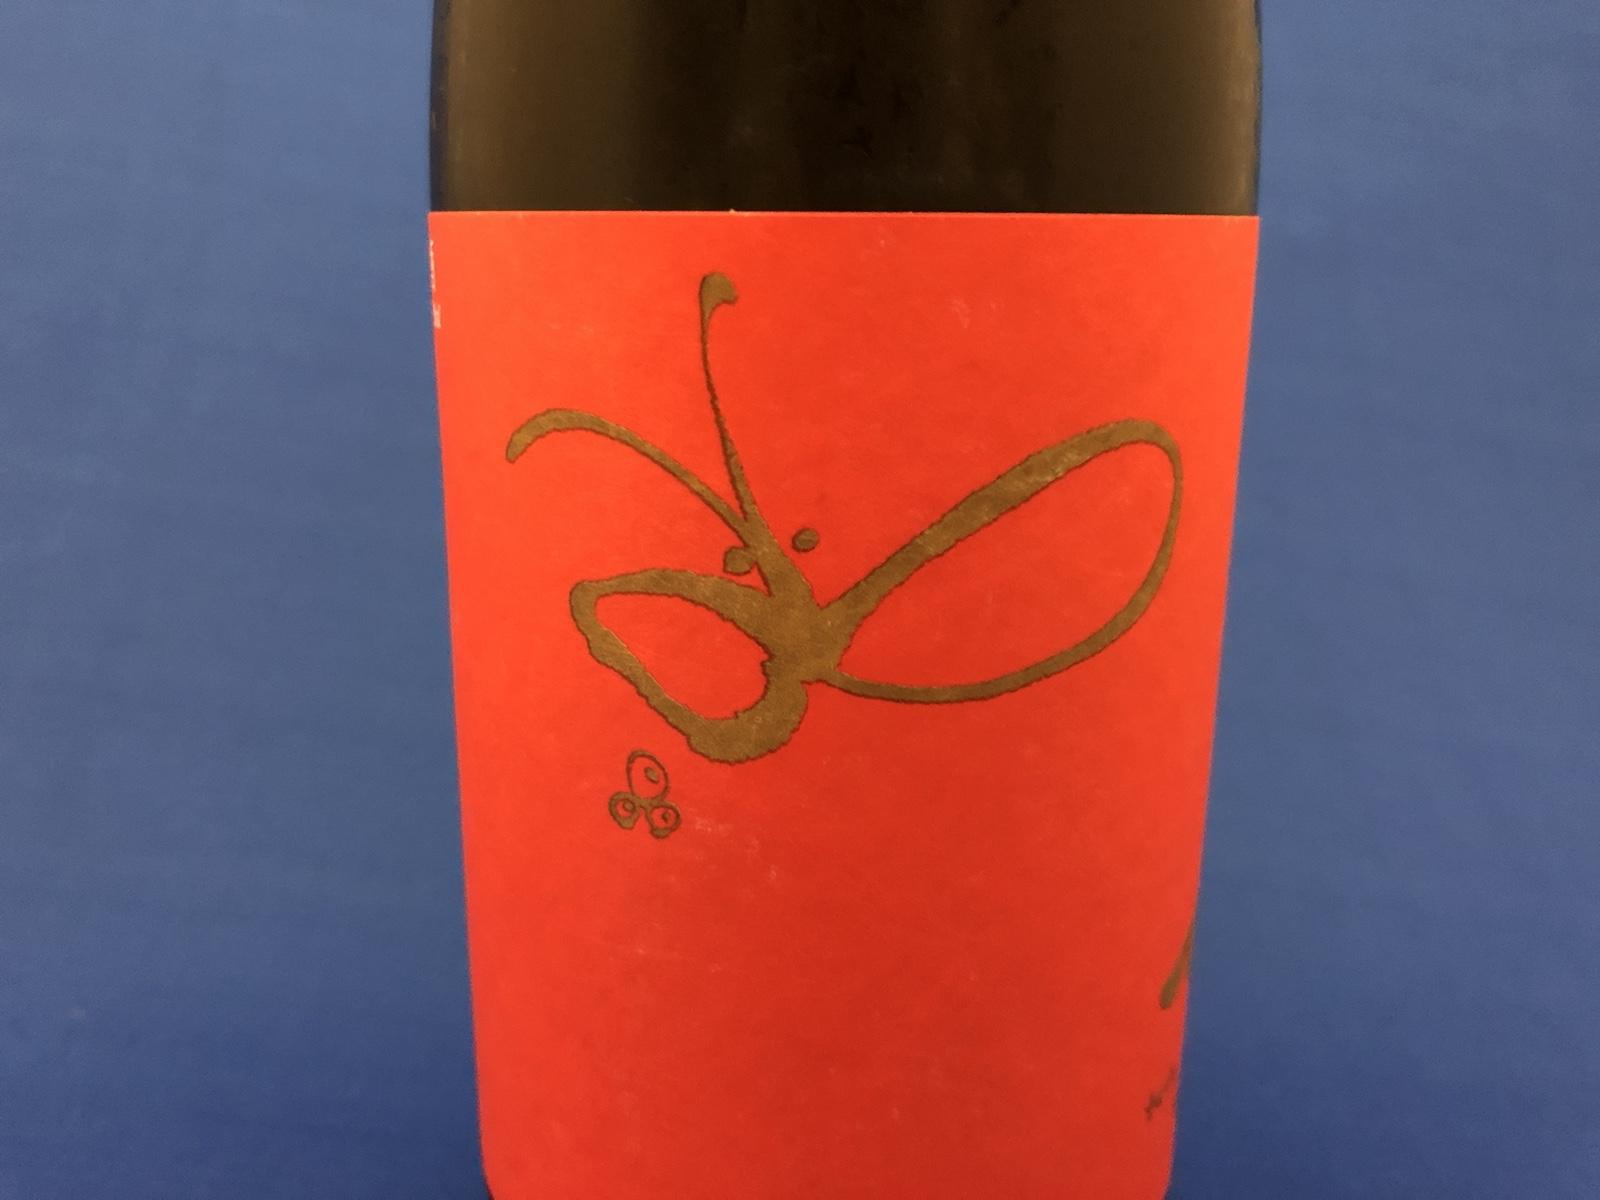 オオムラサキも惹かれる美味さ!奥会津の銘酒・国権「赤てふ」